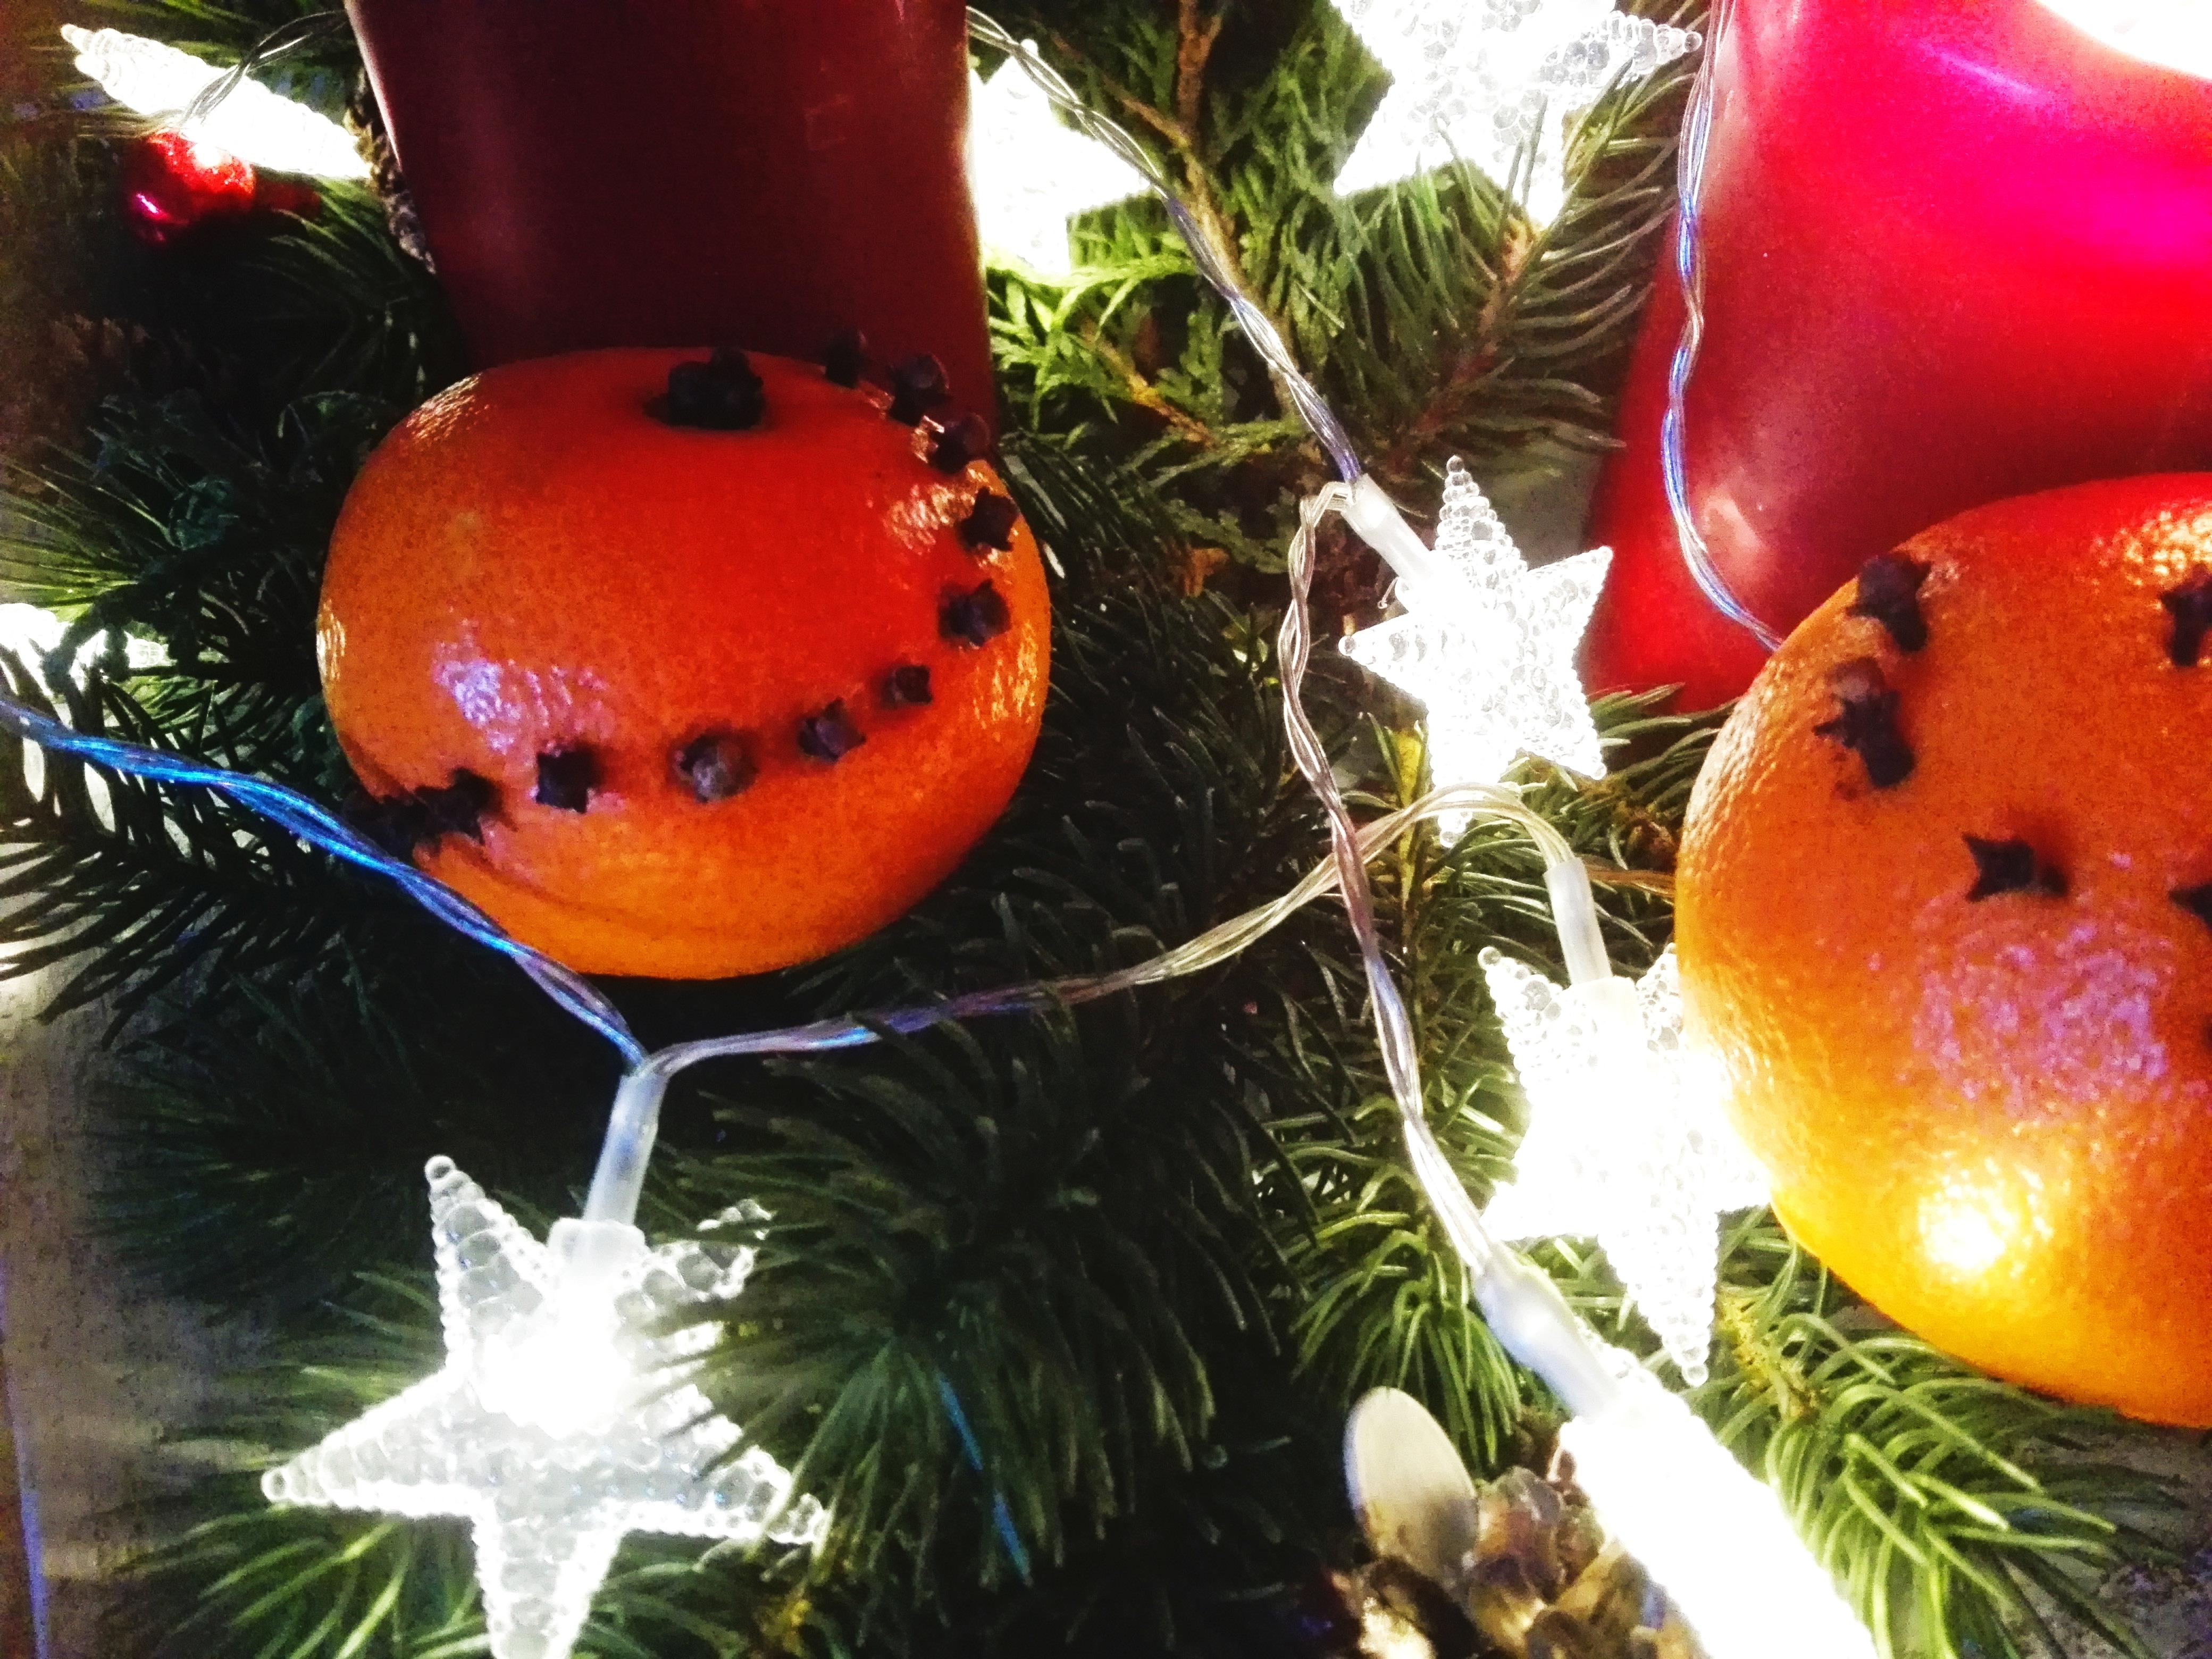 Unterschied zwischen Mandarinen und Clementinen